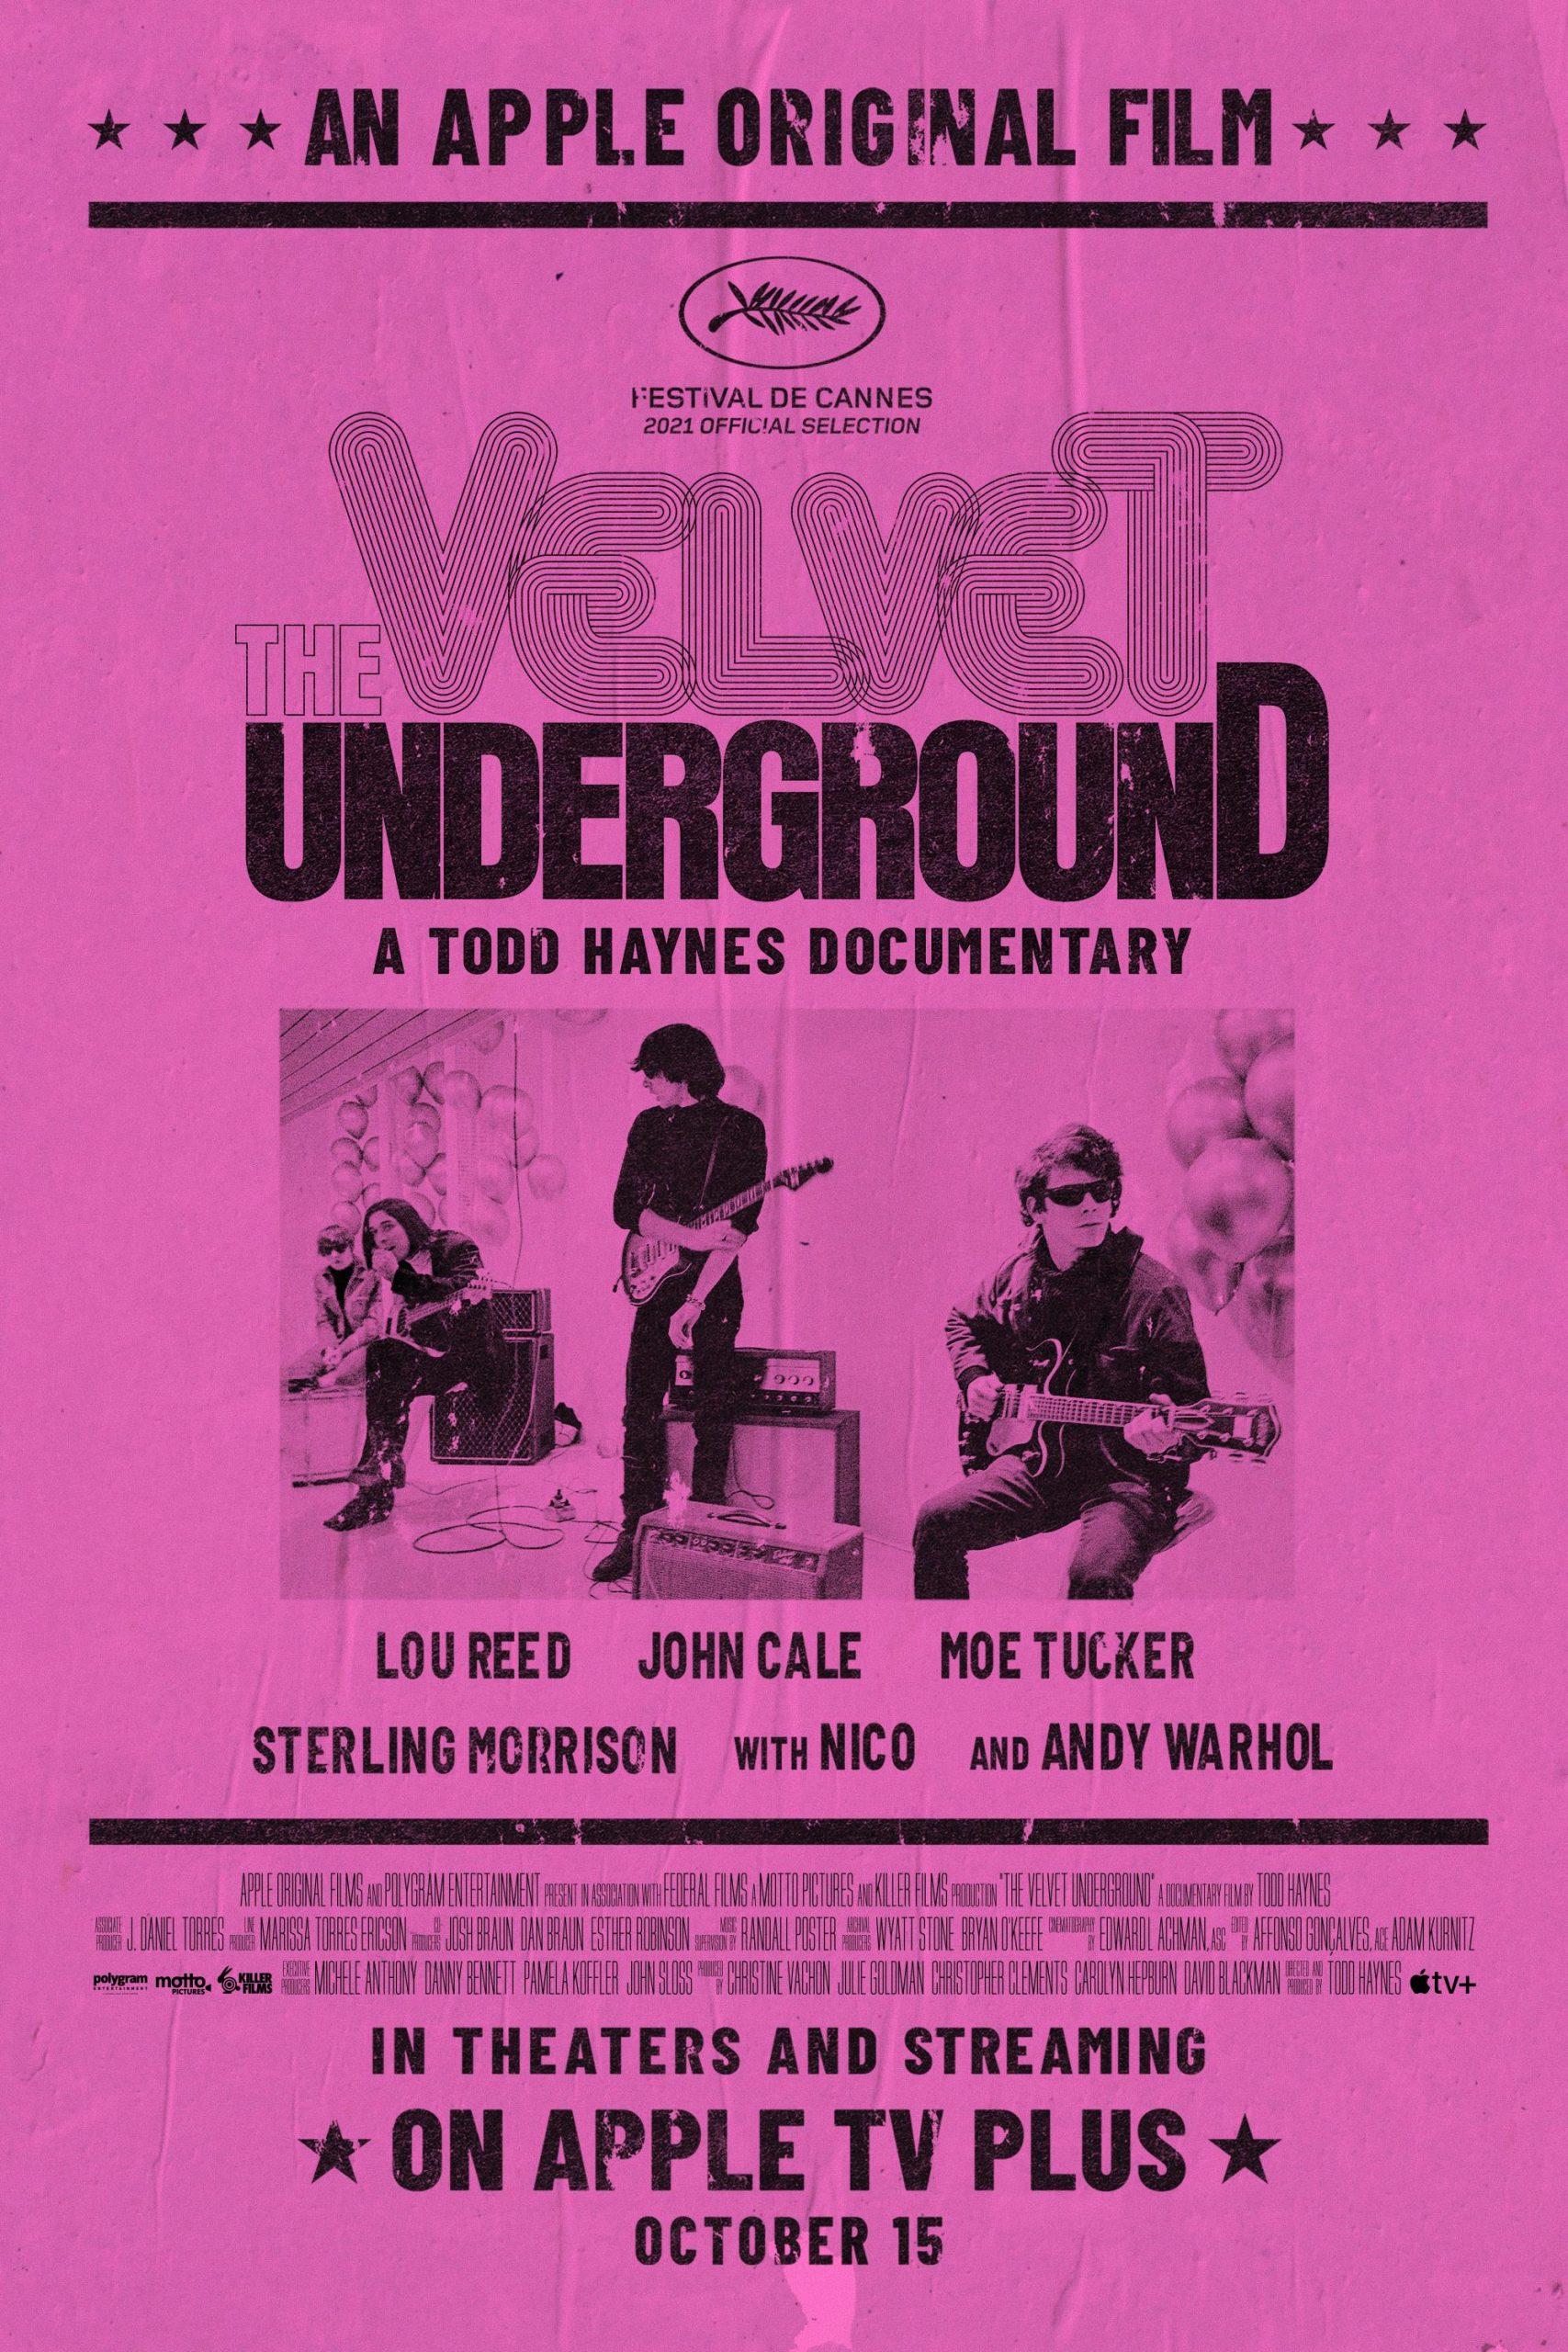 Poster for The Velvet Underground